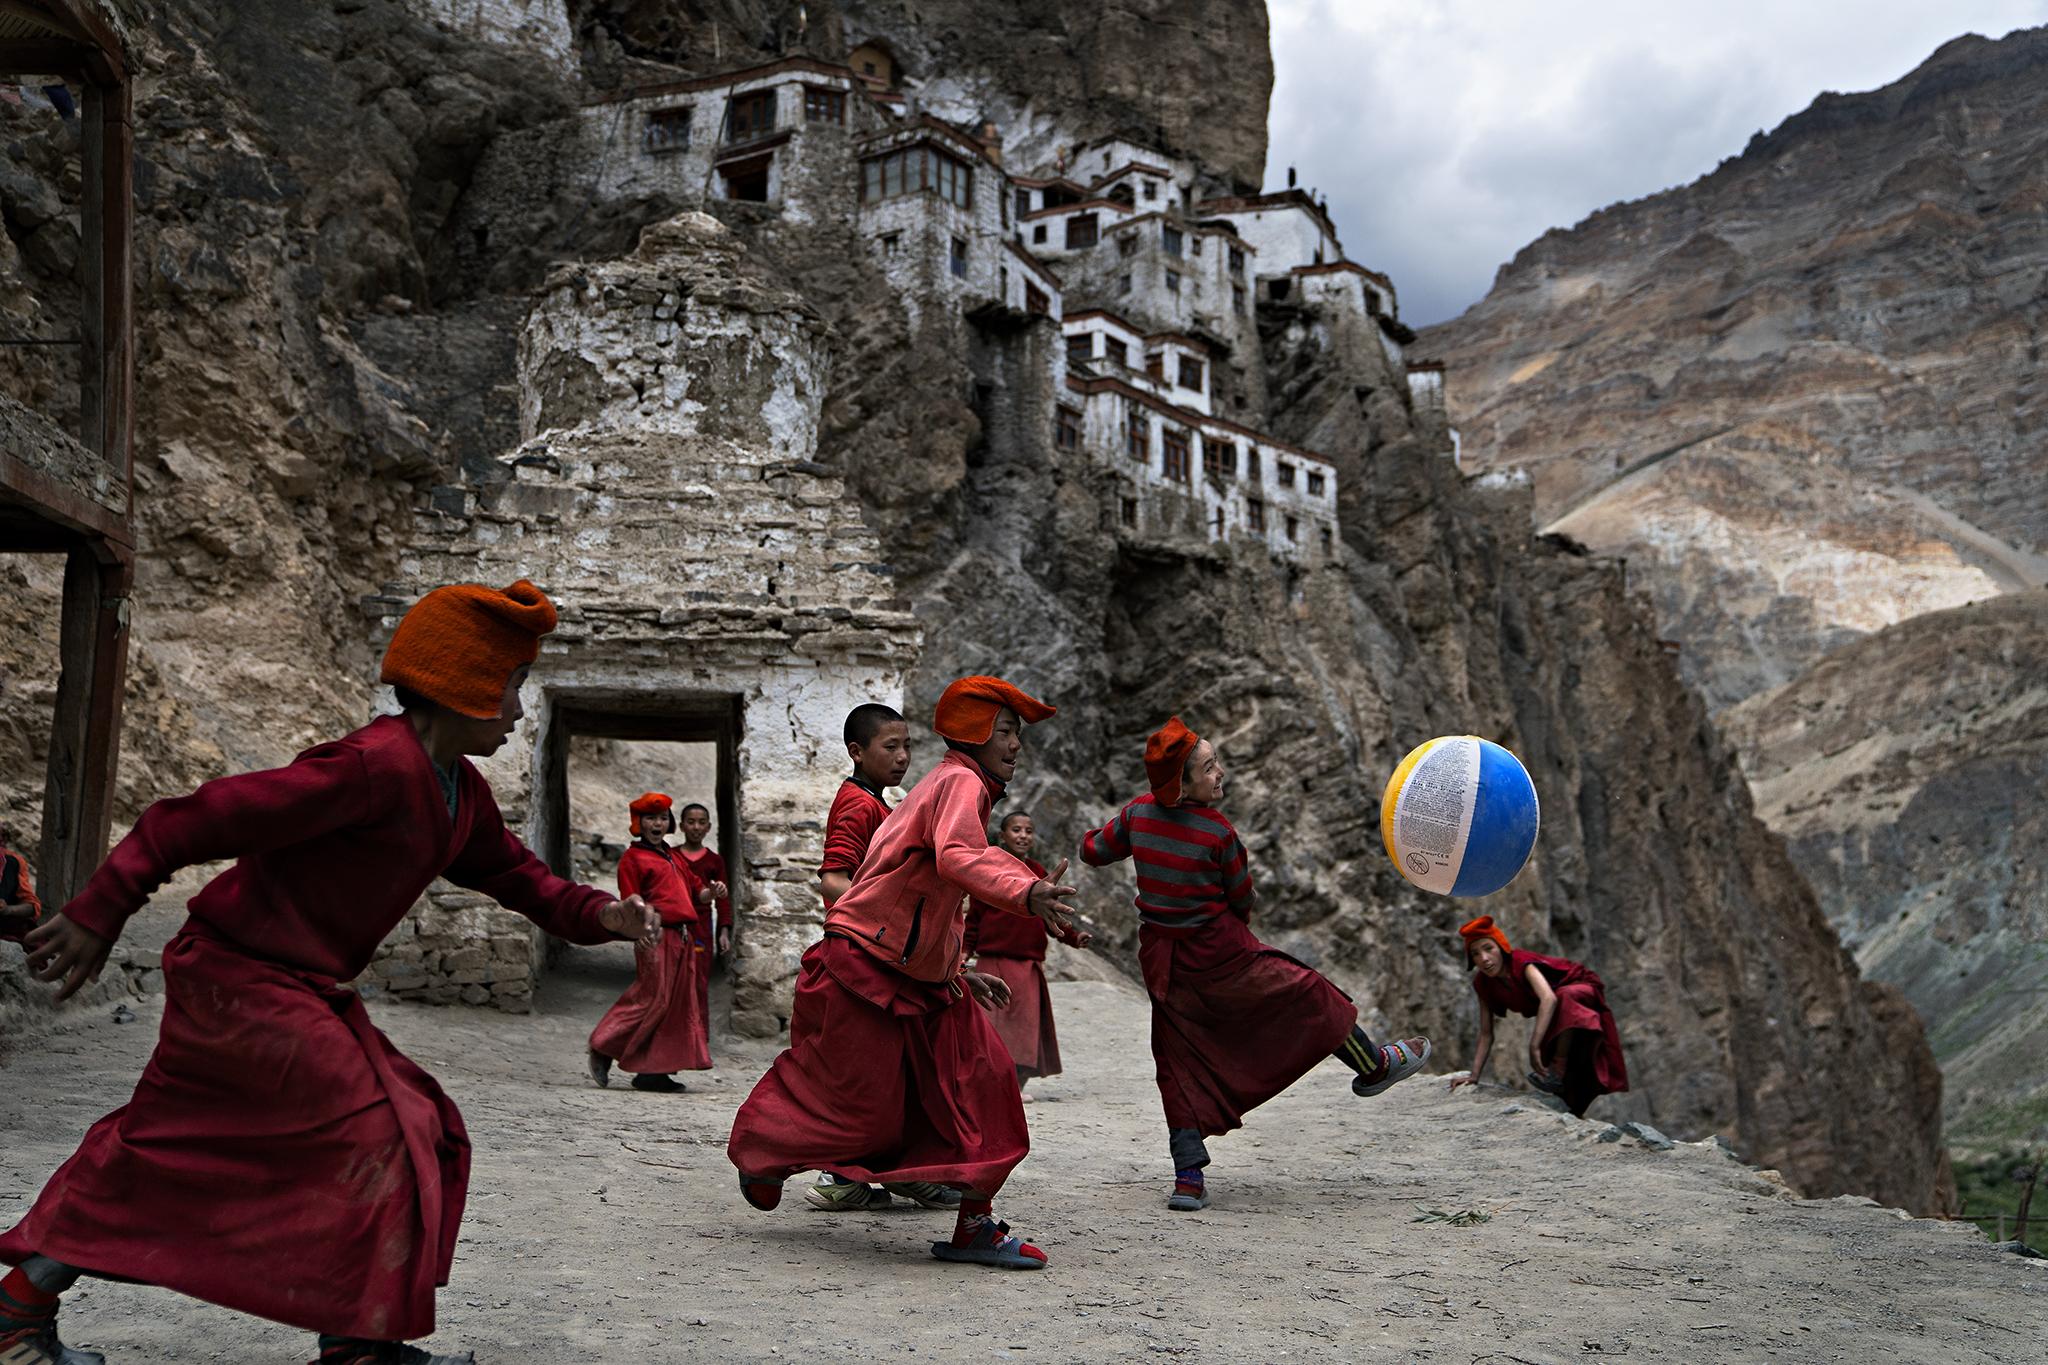 Fotografia a colori di giovani monaci tibetani che giocano a calcio nel monastero di Phugtal, India settentrionale